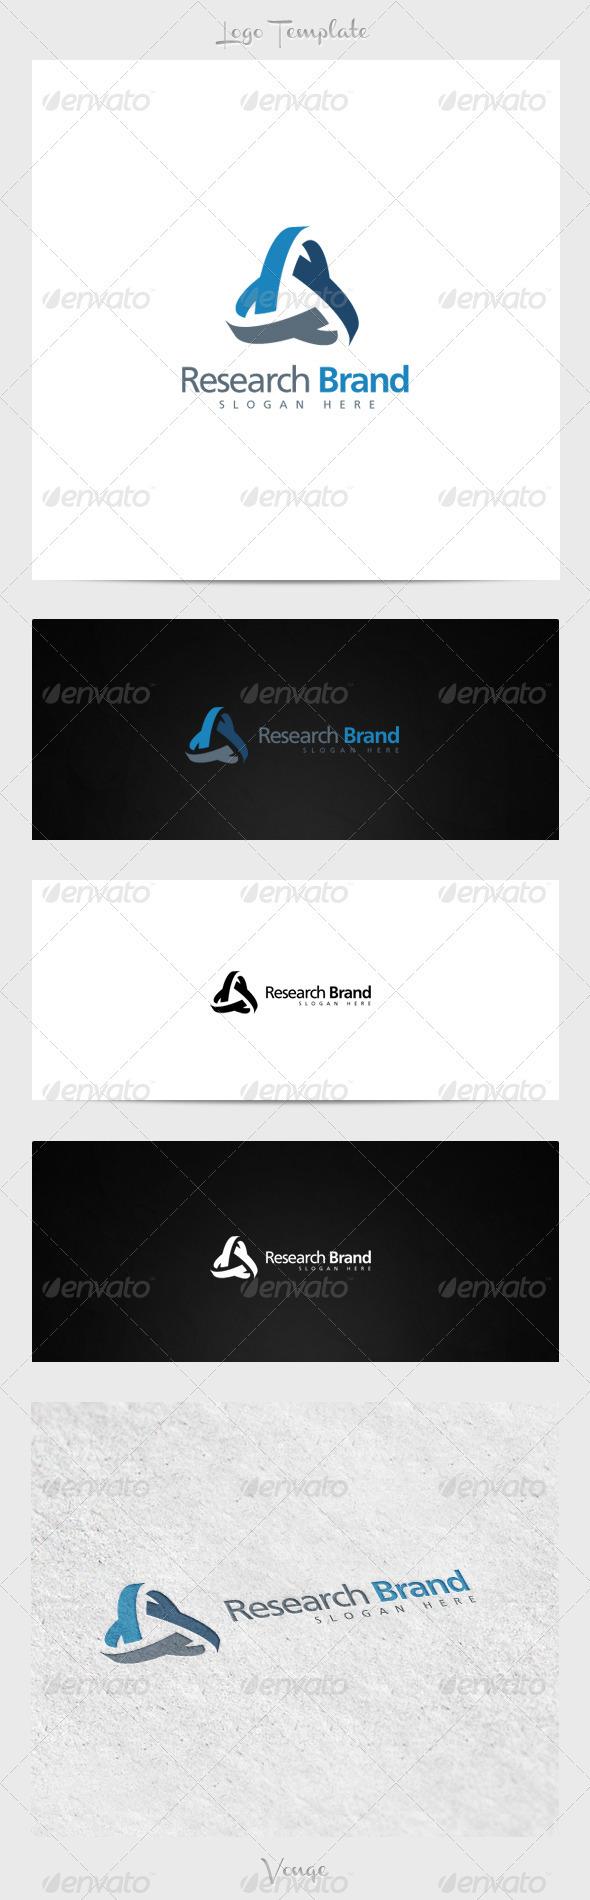 GraphicRiver Research Brand 3915853